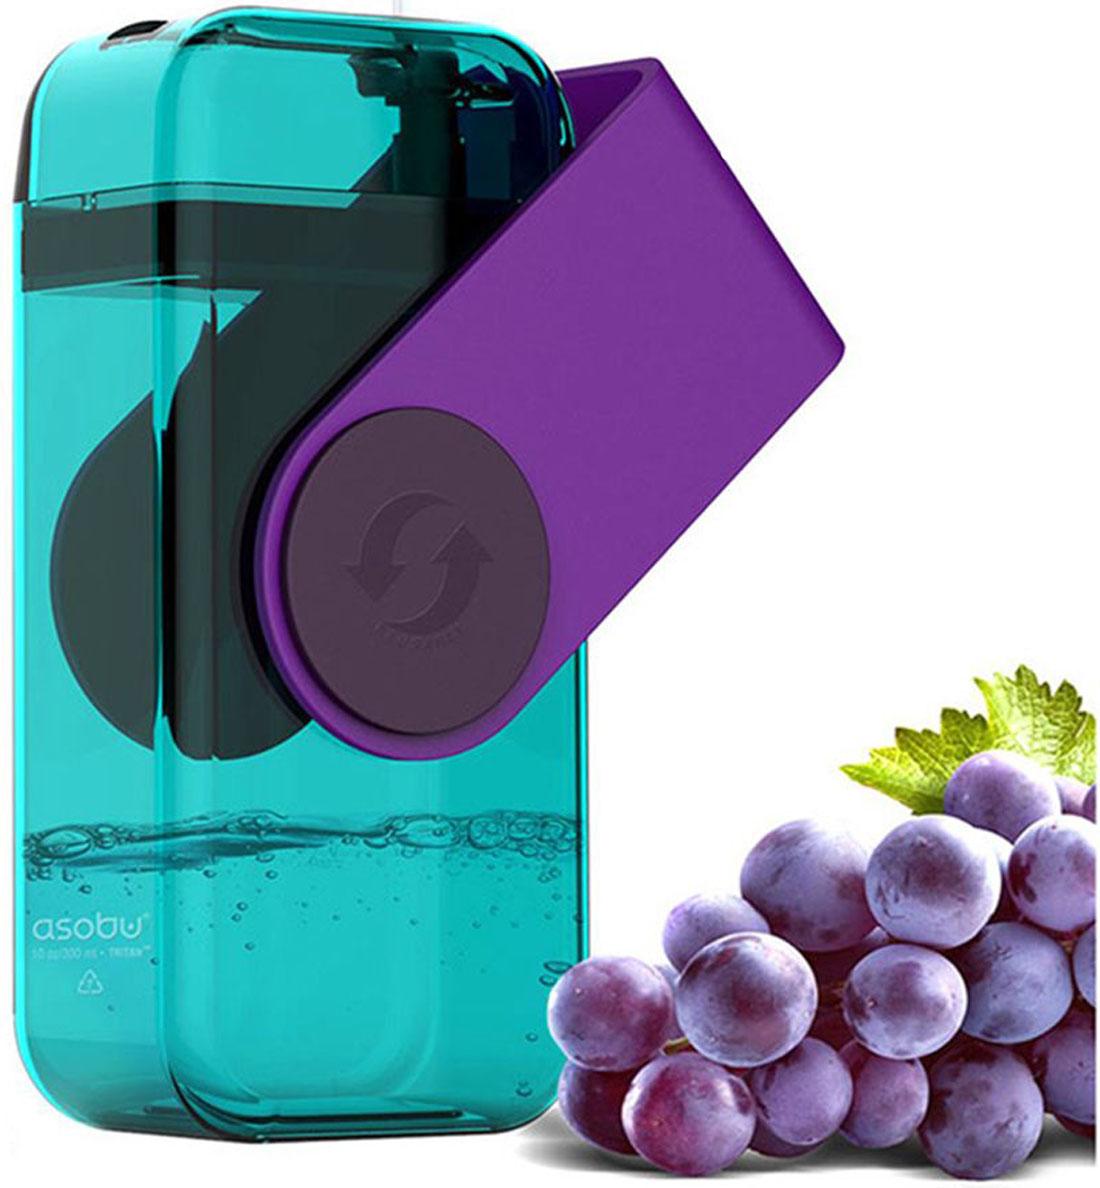 Бутылка Asobu Juicy drink box, цвет: фиолетовый, 290 млJB300 purpleБутылка Asobu Juicy drink box вышла за пределы стандартных бутылок для напитков! Многоразовый бокс для напитков эргономичной формы, изготовленный из экологически чистого и полностью перерабатываемого материала. Идеально подходит для сока или воды. Эта серия боксов особенно придется по вкусу детям.Рекомендация по использованию: перед тем, как закрывать наполненный бокс, наклоните и прижмите силиконовою трубочку к крышке, тем самым вы заблокируете отверстие в трубочке и при закрывании крышки напиток не прольется.Материал: ПластикВысота : 15 смШирина : 7,5 см